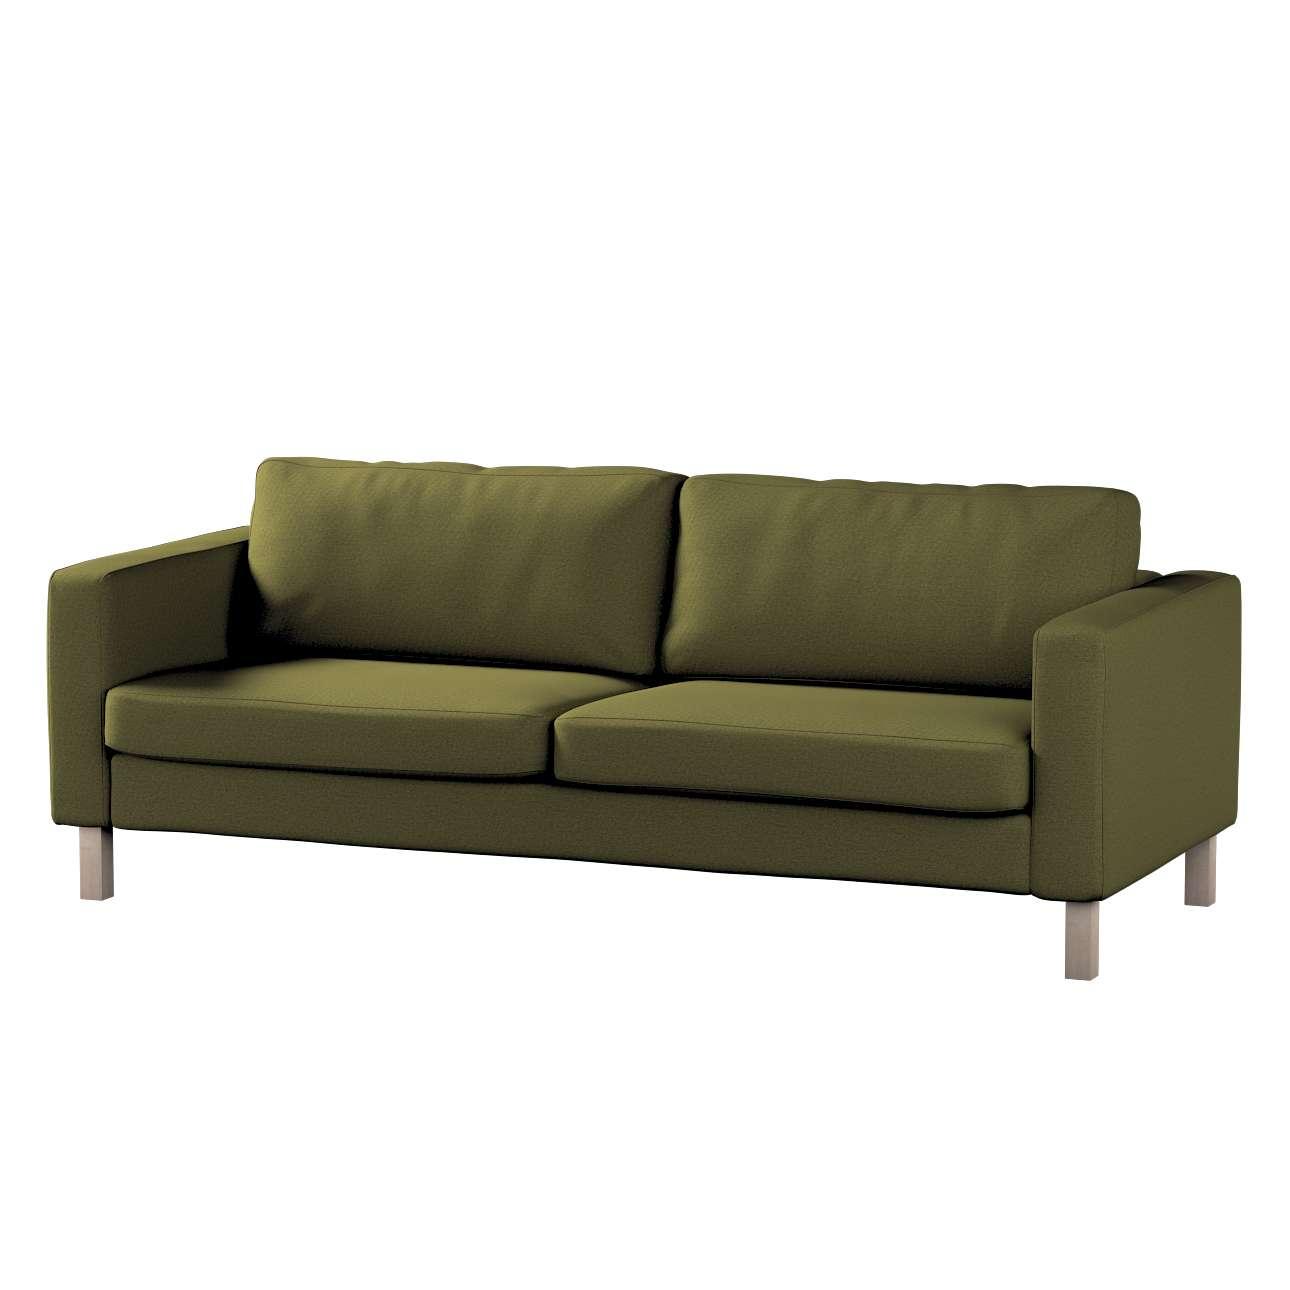 Pokrowiec na sofę Karlstad 3-osobową nierozkładaną, krótki w kolekcji Etna, tkanina: 161-26